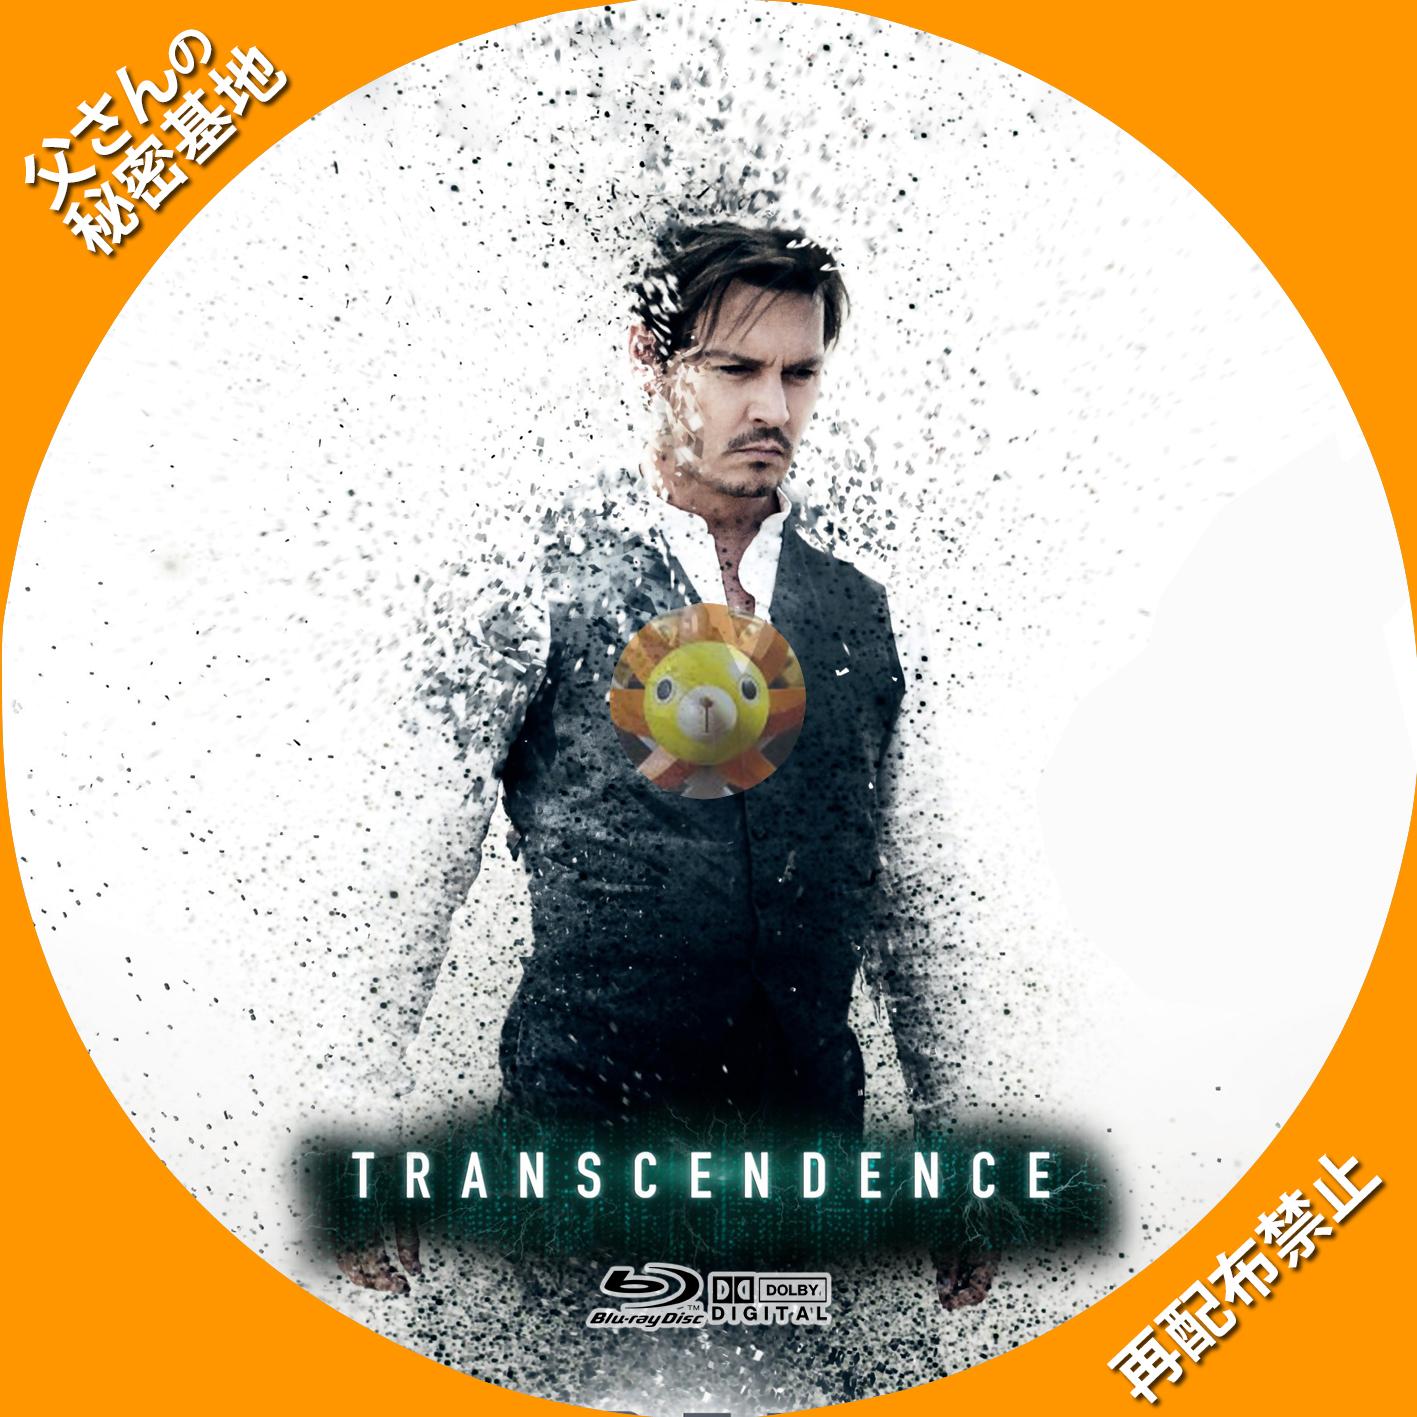 transcendence_BD03.jpg